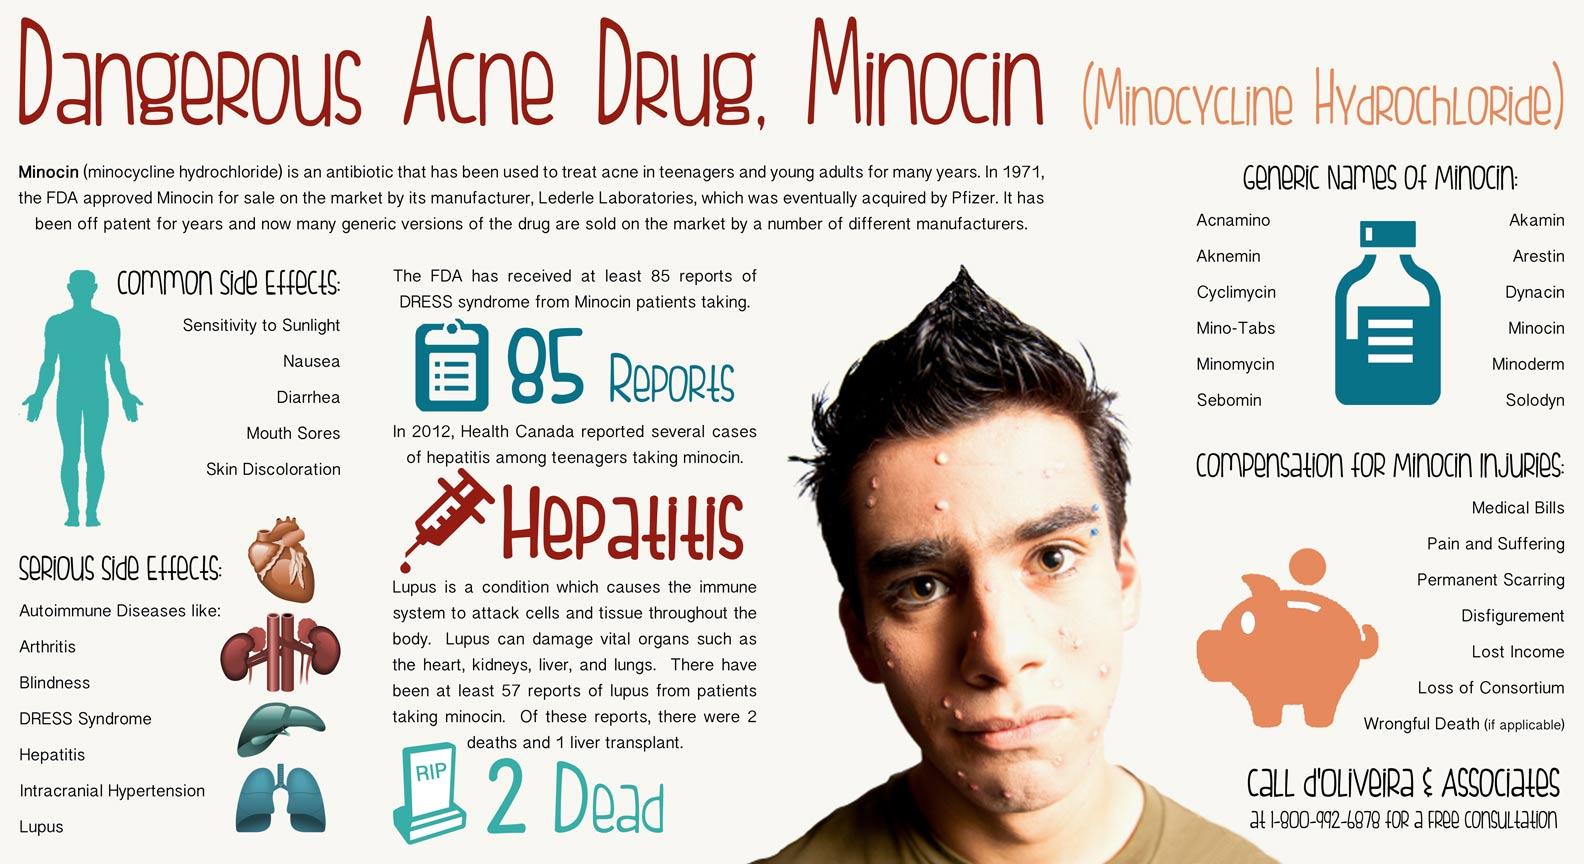 Minocycline لعلاج حب الشباب